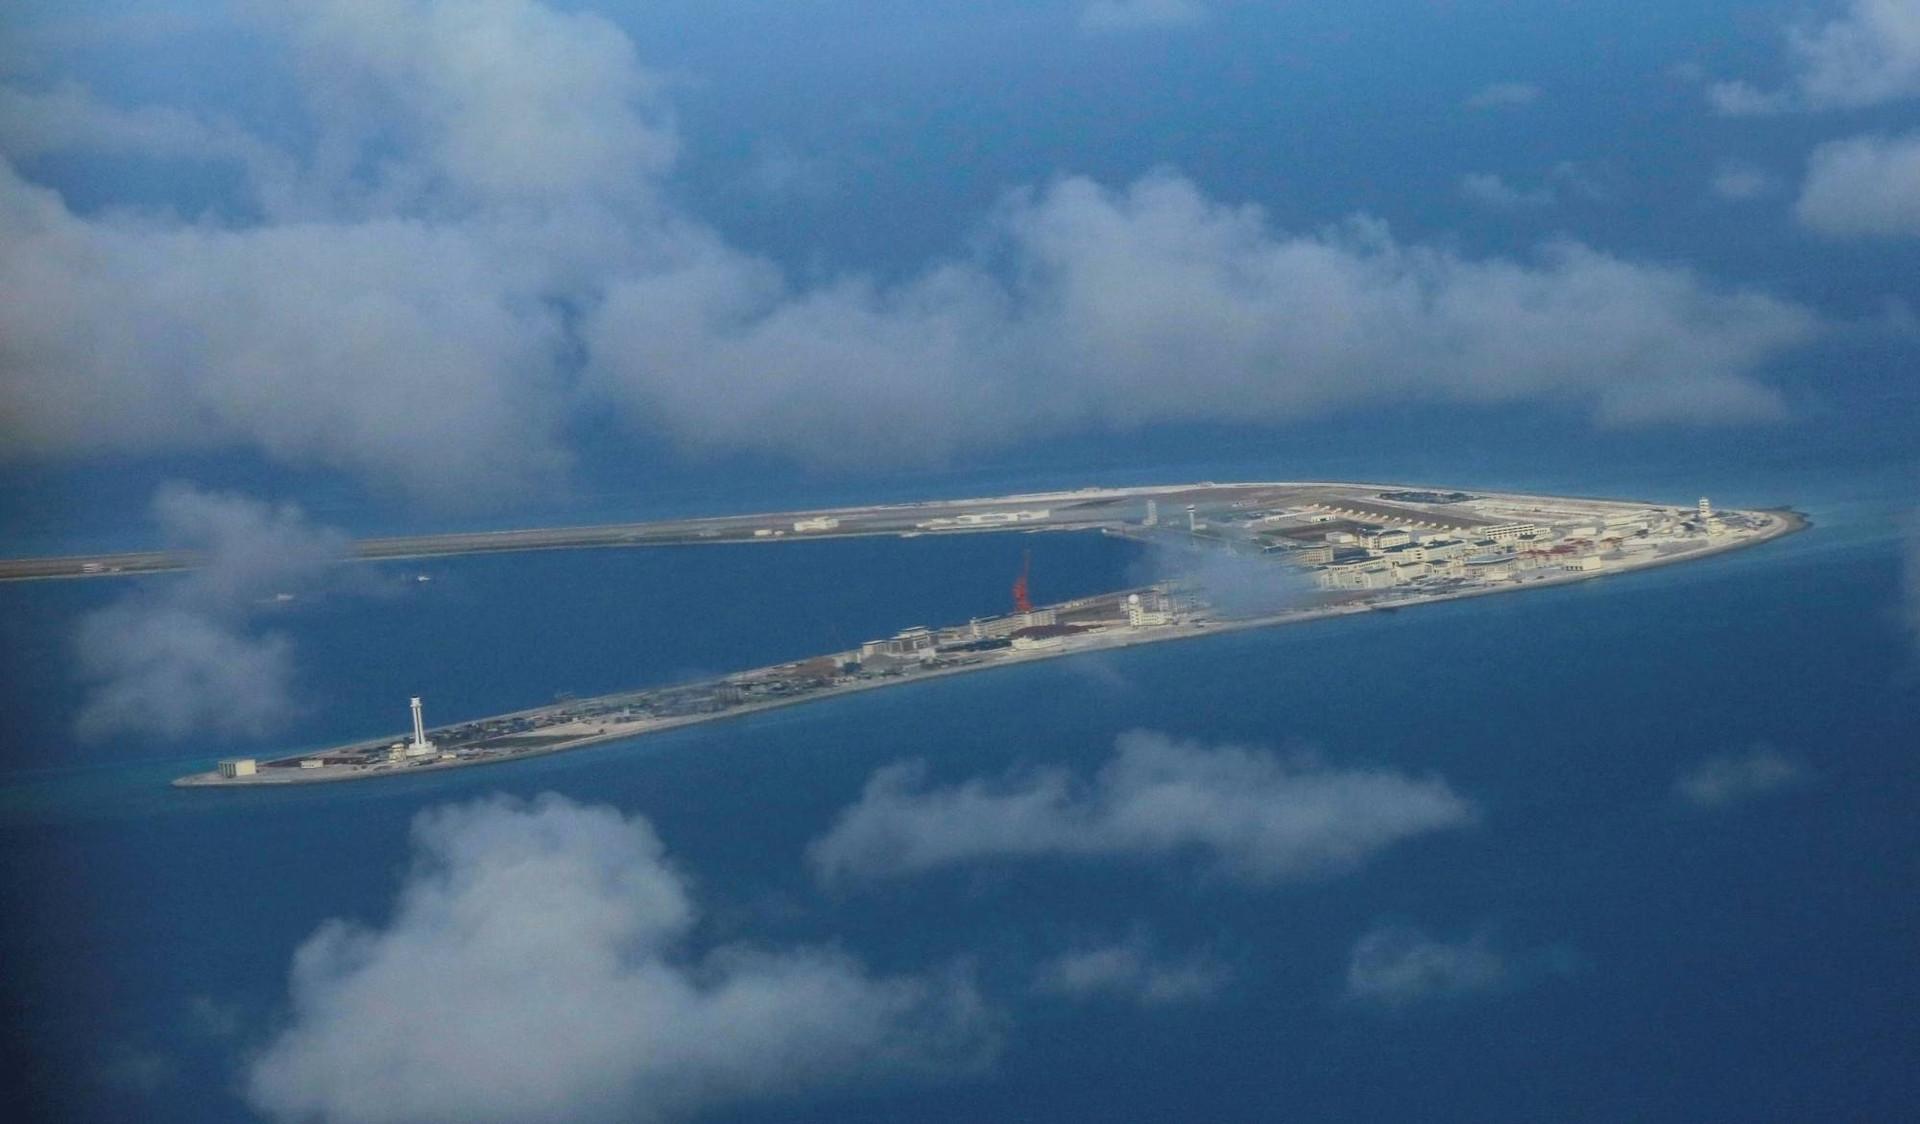 Luật hàng hải sửa đổi của Trung Quốc nhìn từ UNCLOS: Vi phạm nghiêm trọng luật quốc tế